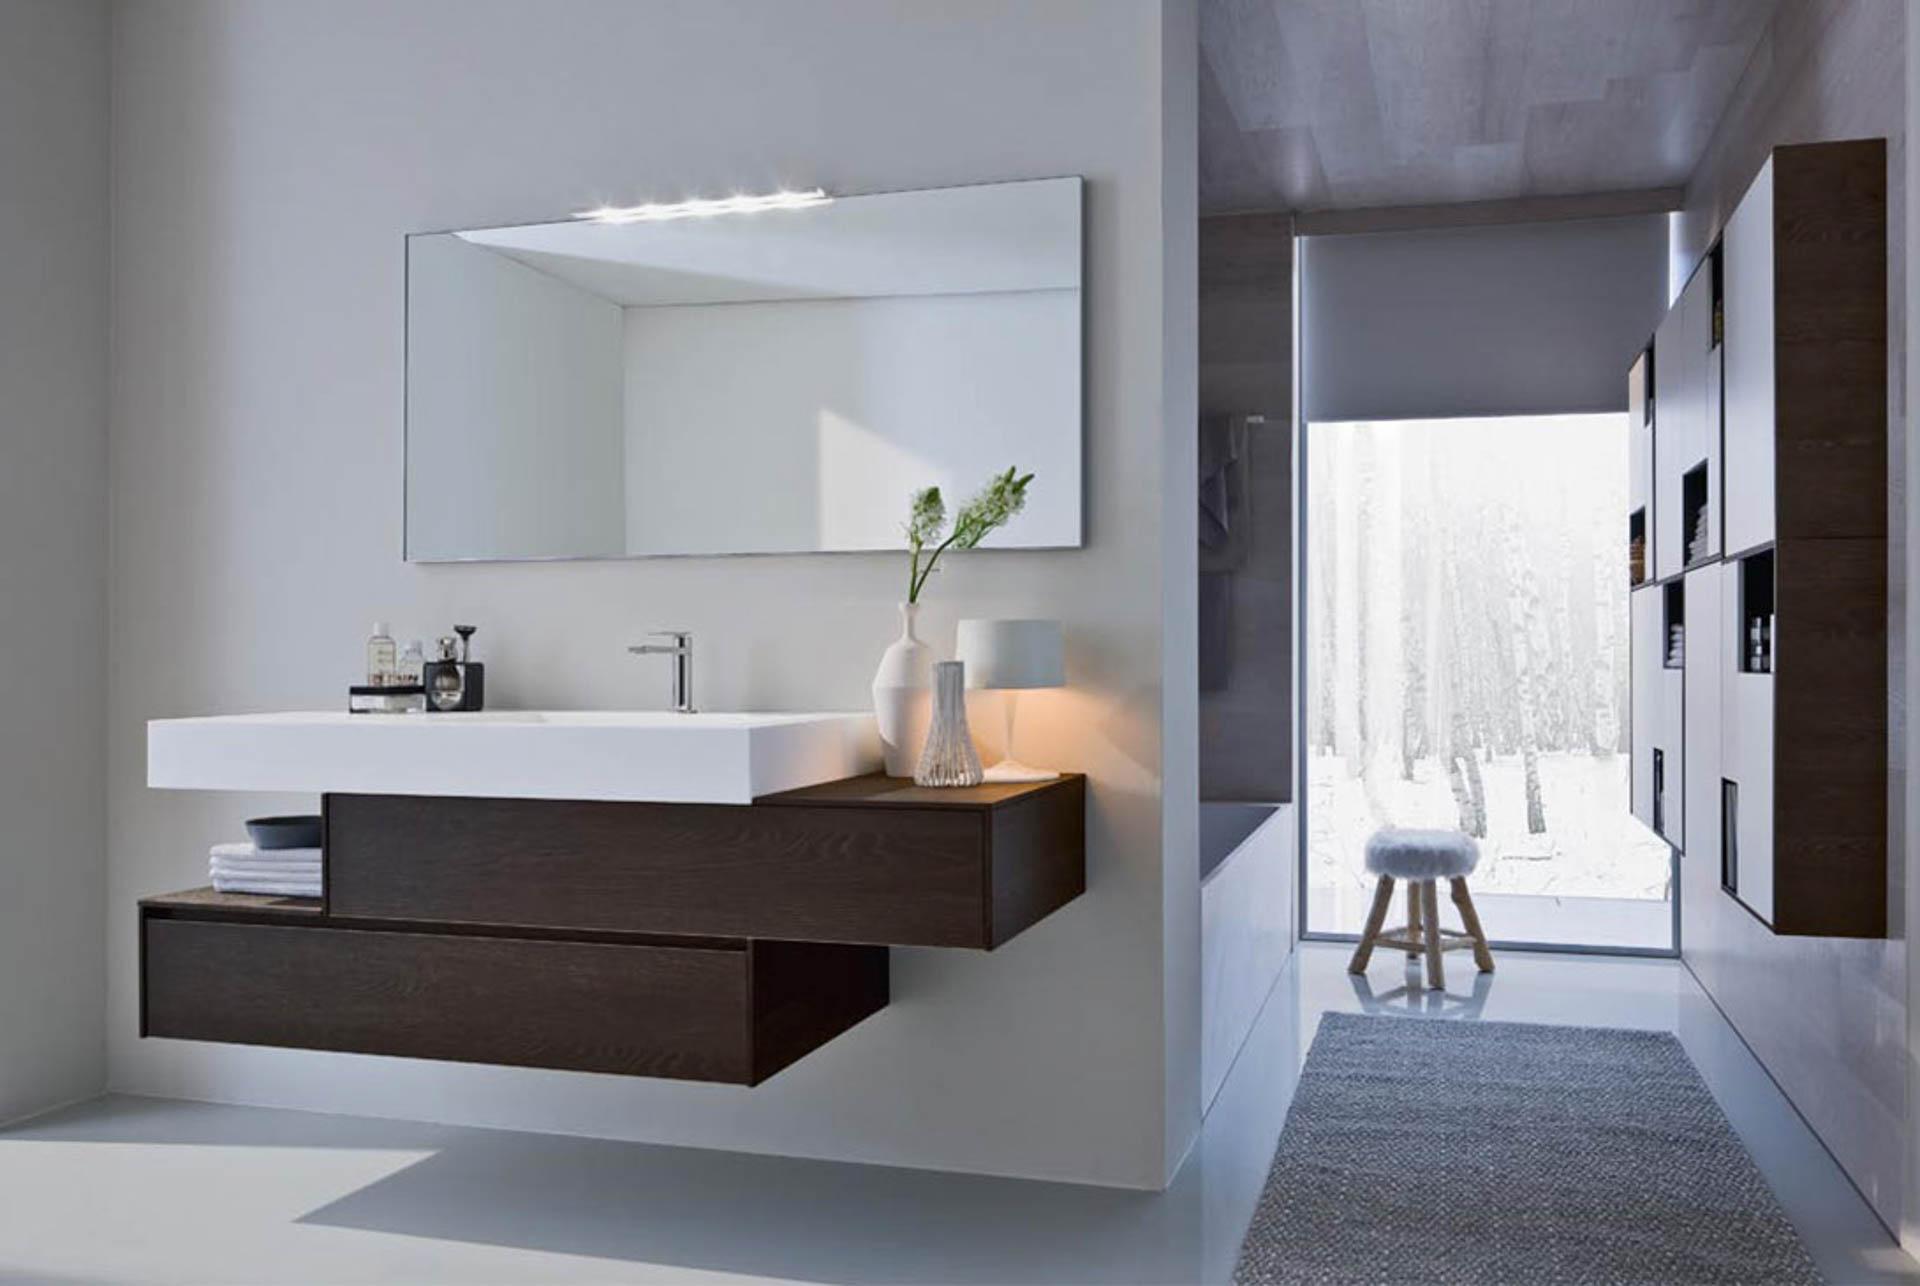 Nyu mobili bagno dall 39 eleganza senza tempo orsolini for Arredo bagnio